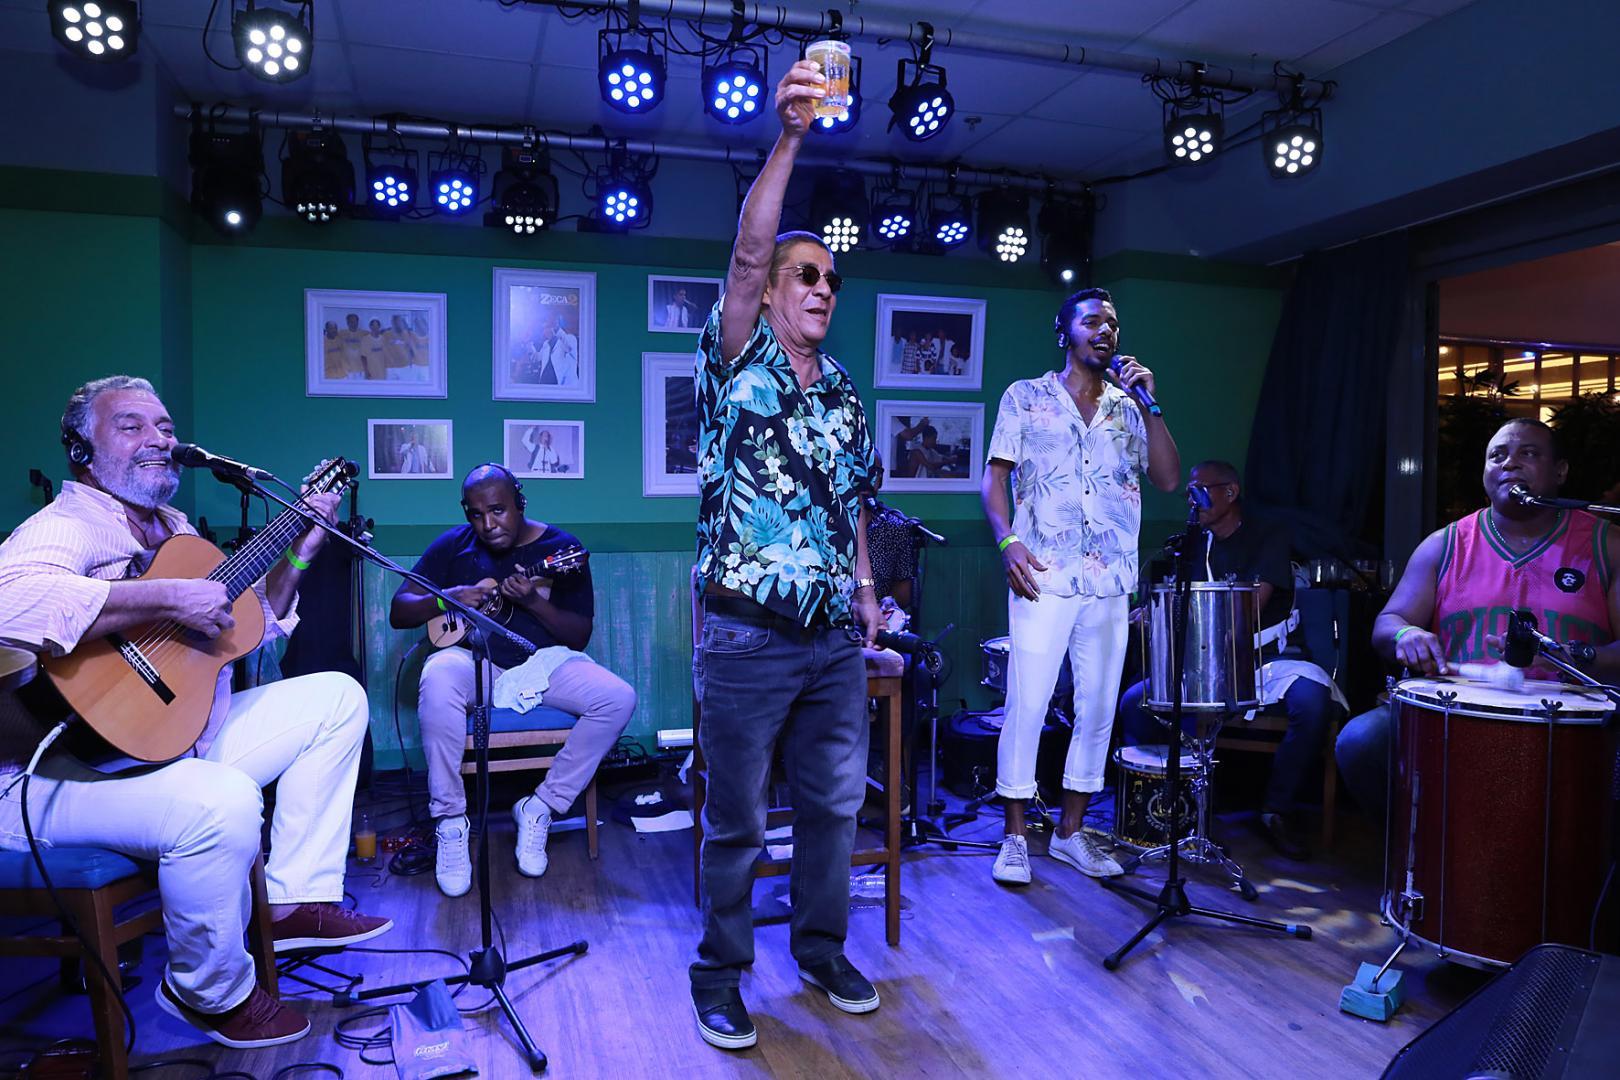 Bar do Zeca Pagodinho celebra 1 ano com festa na Barra